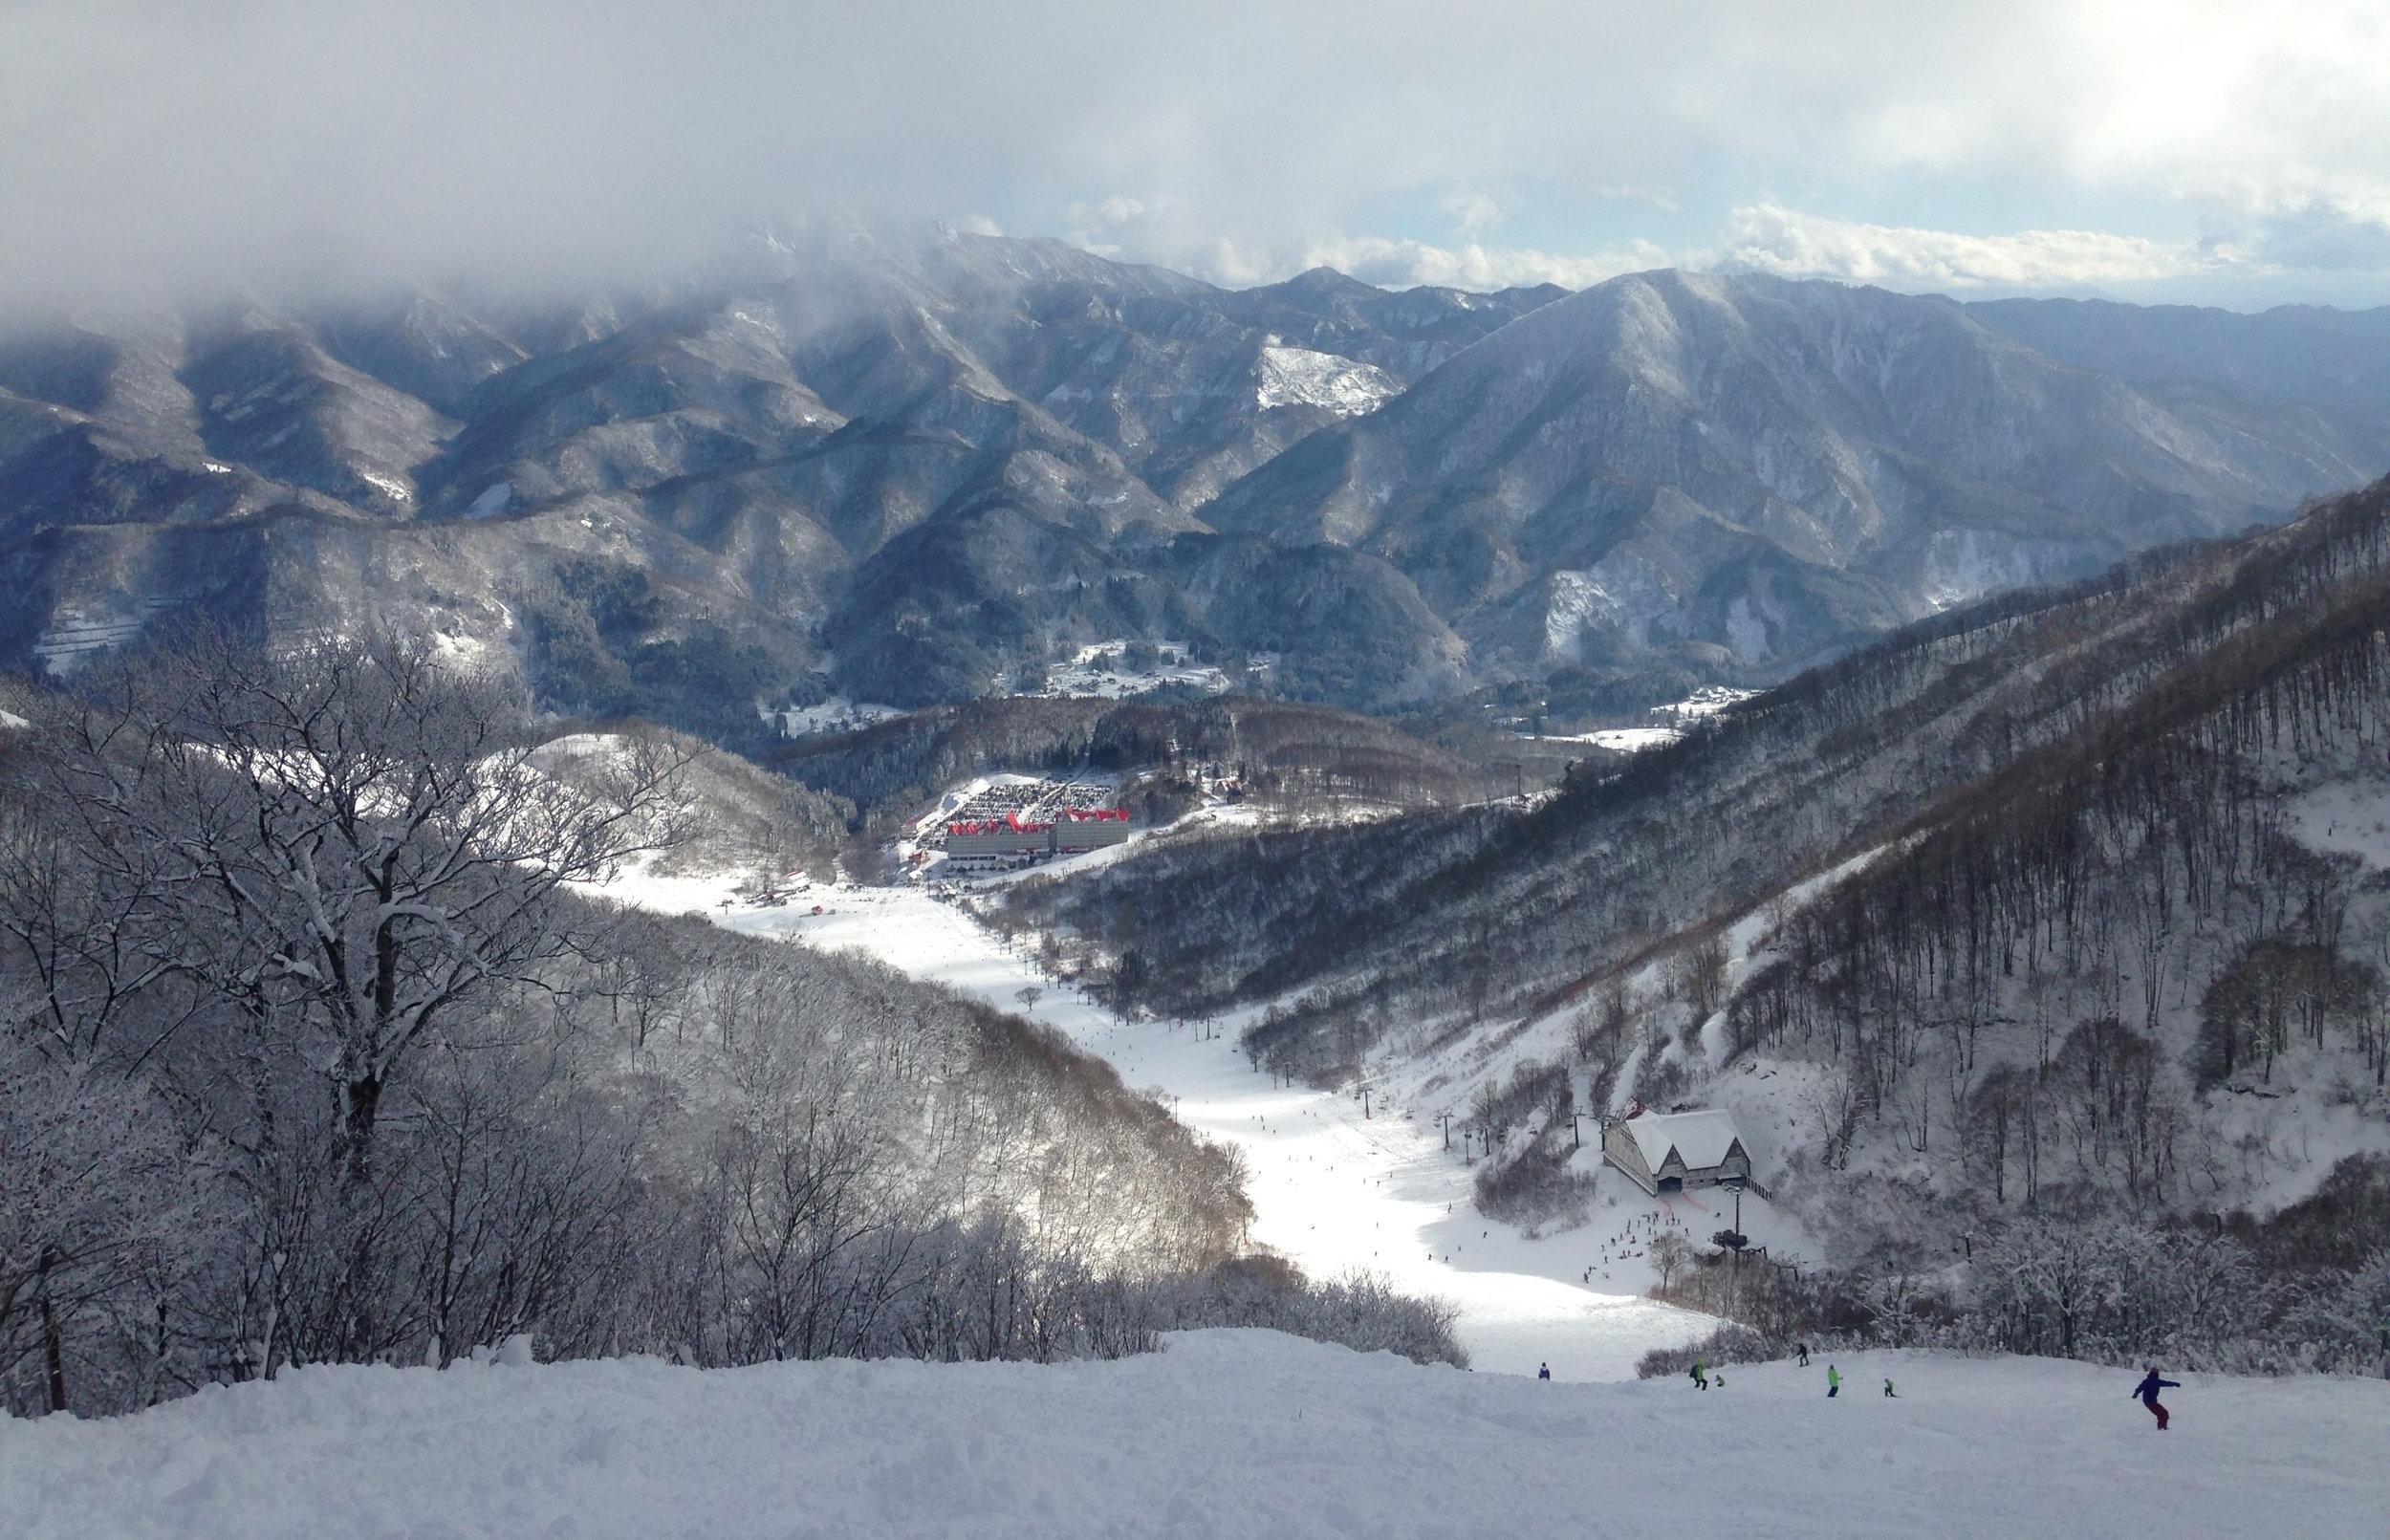 The central run at Cortina, in Hakuba, Nagano.